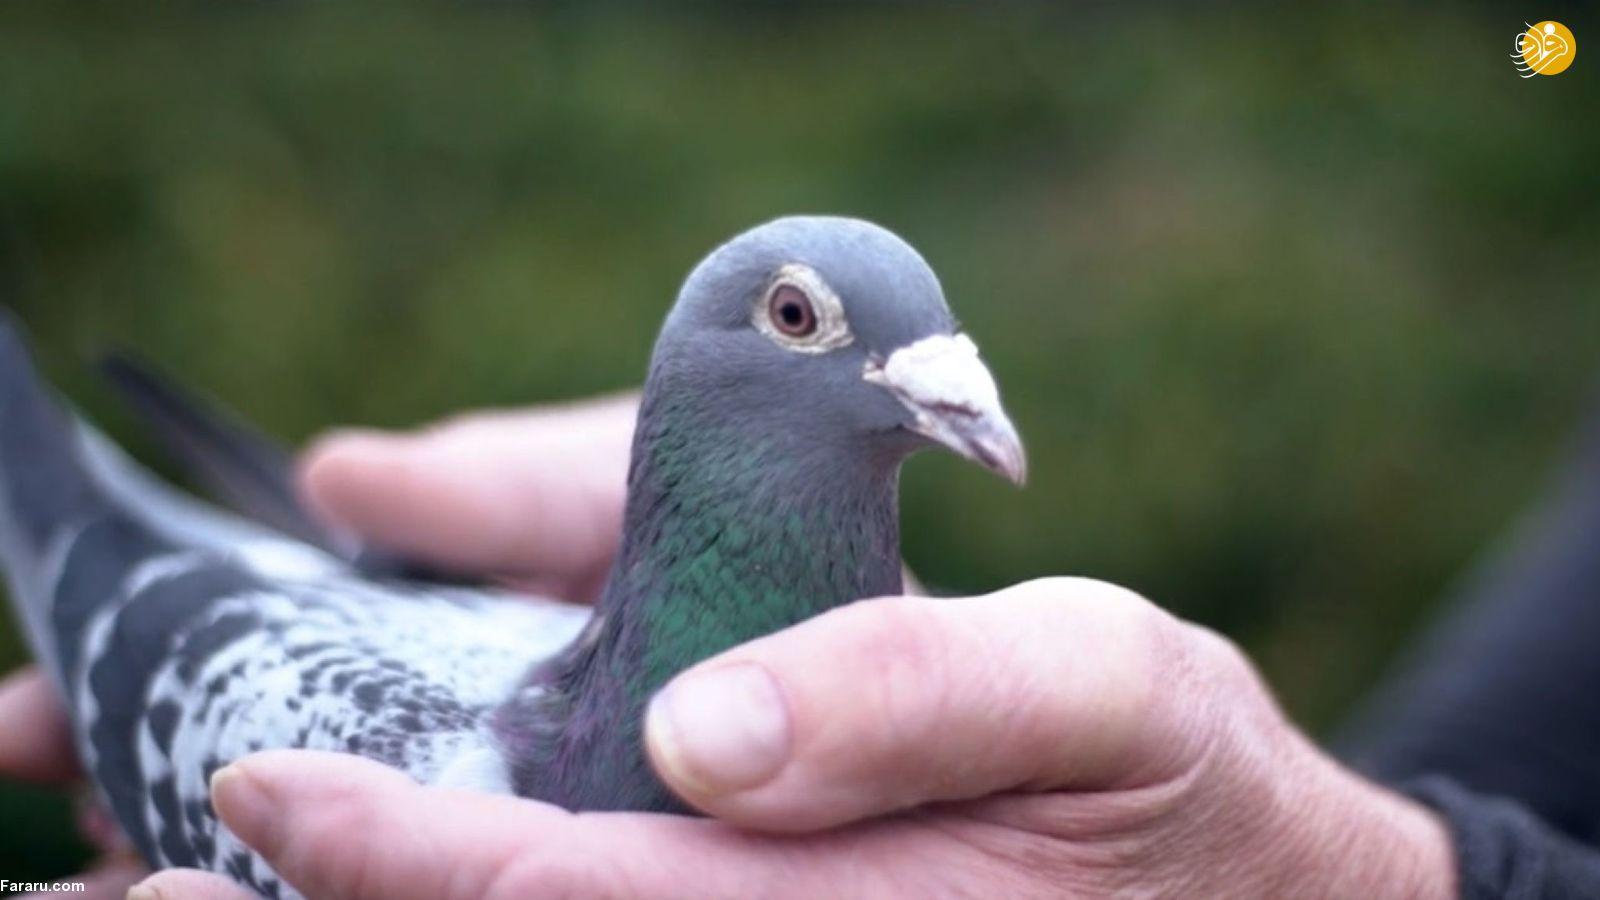 کبوتر ۱۴ میلیارد تومانی بلژیکی رکورد گران ترین کبوتر دنیا را شکست